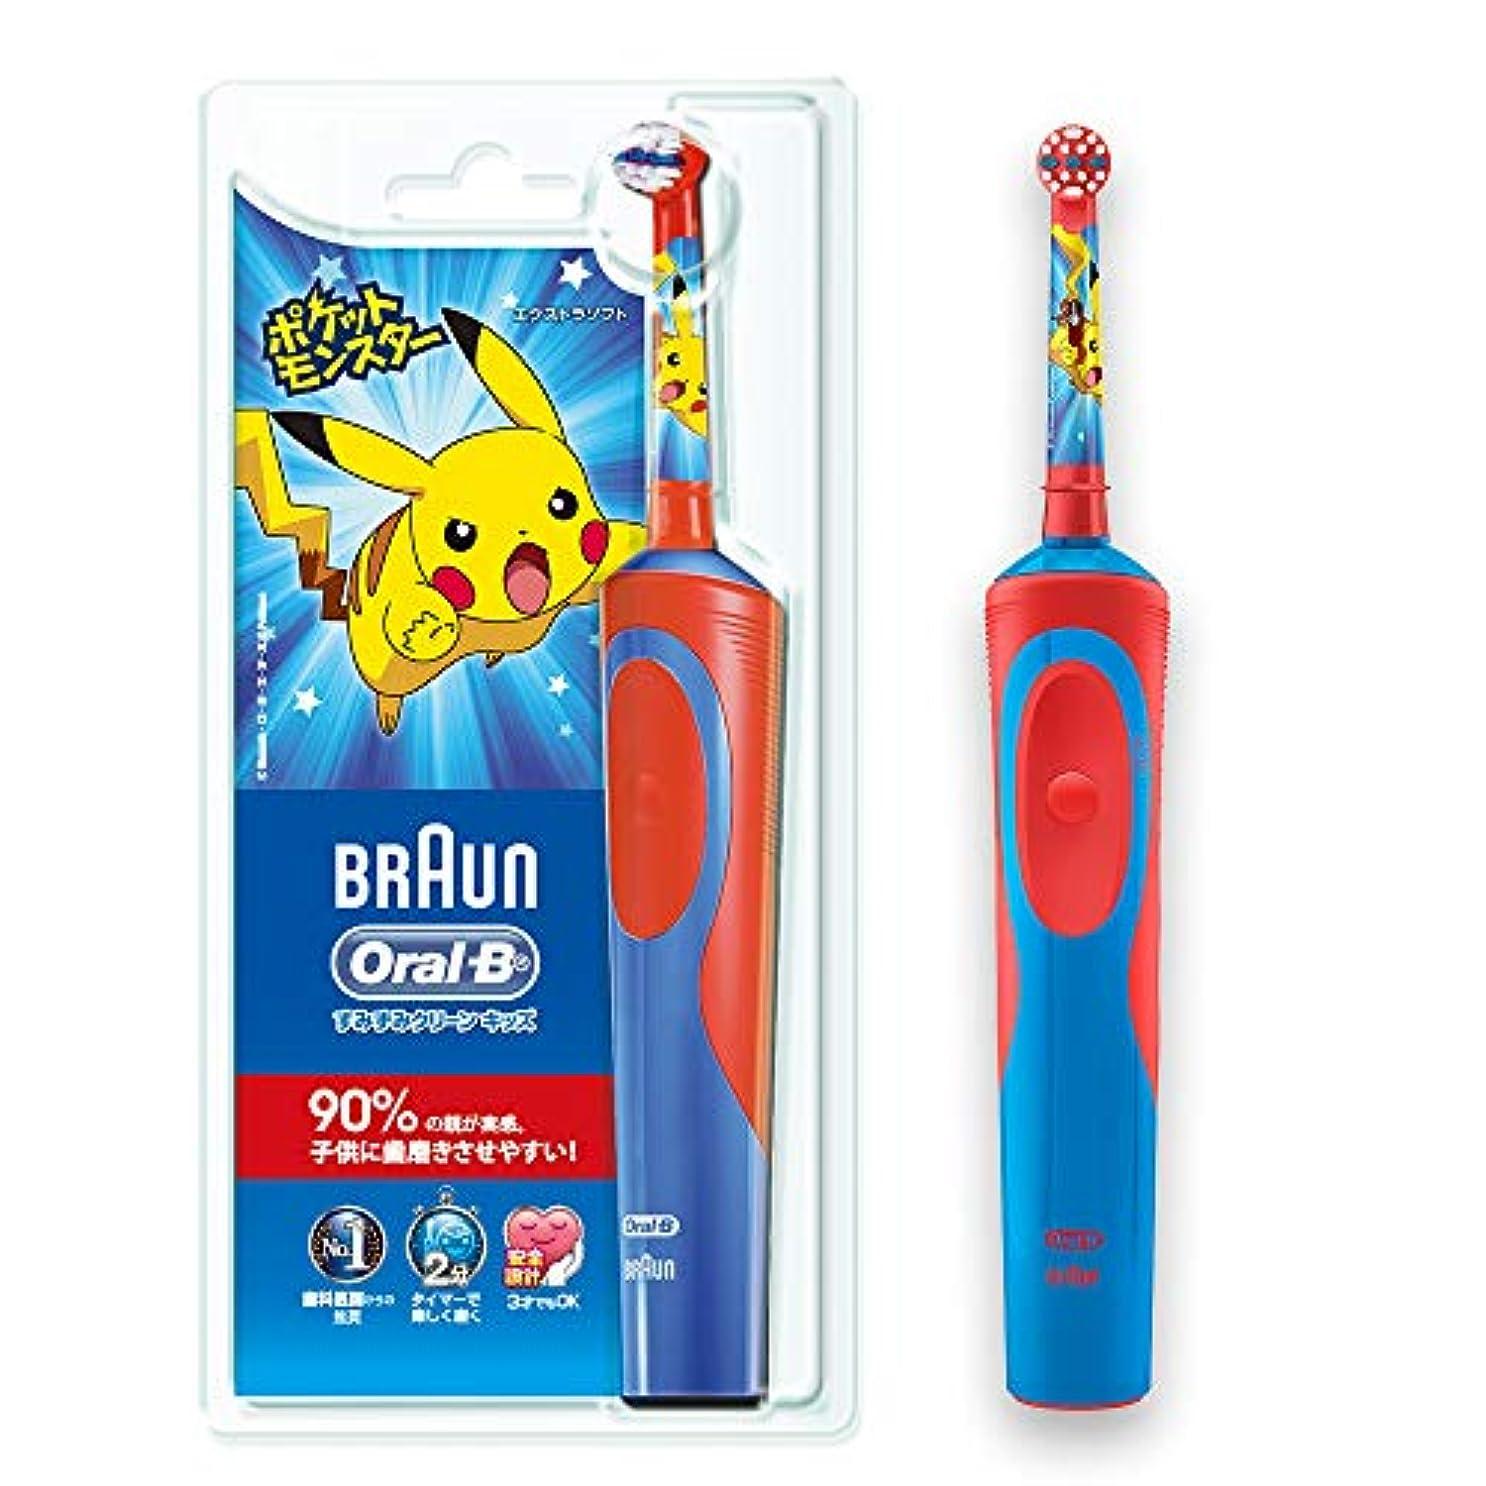 しつけ隠された学んだブラウン オーラルB 電動歯ブラシ 子供用 D12513KPKMB すみずみクリーンキッズ 本体 レッド ポケモン 歯ブラシ